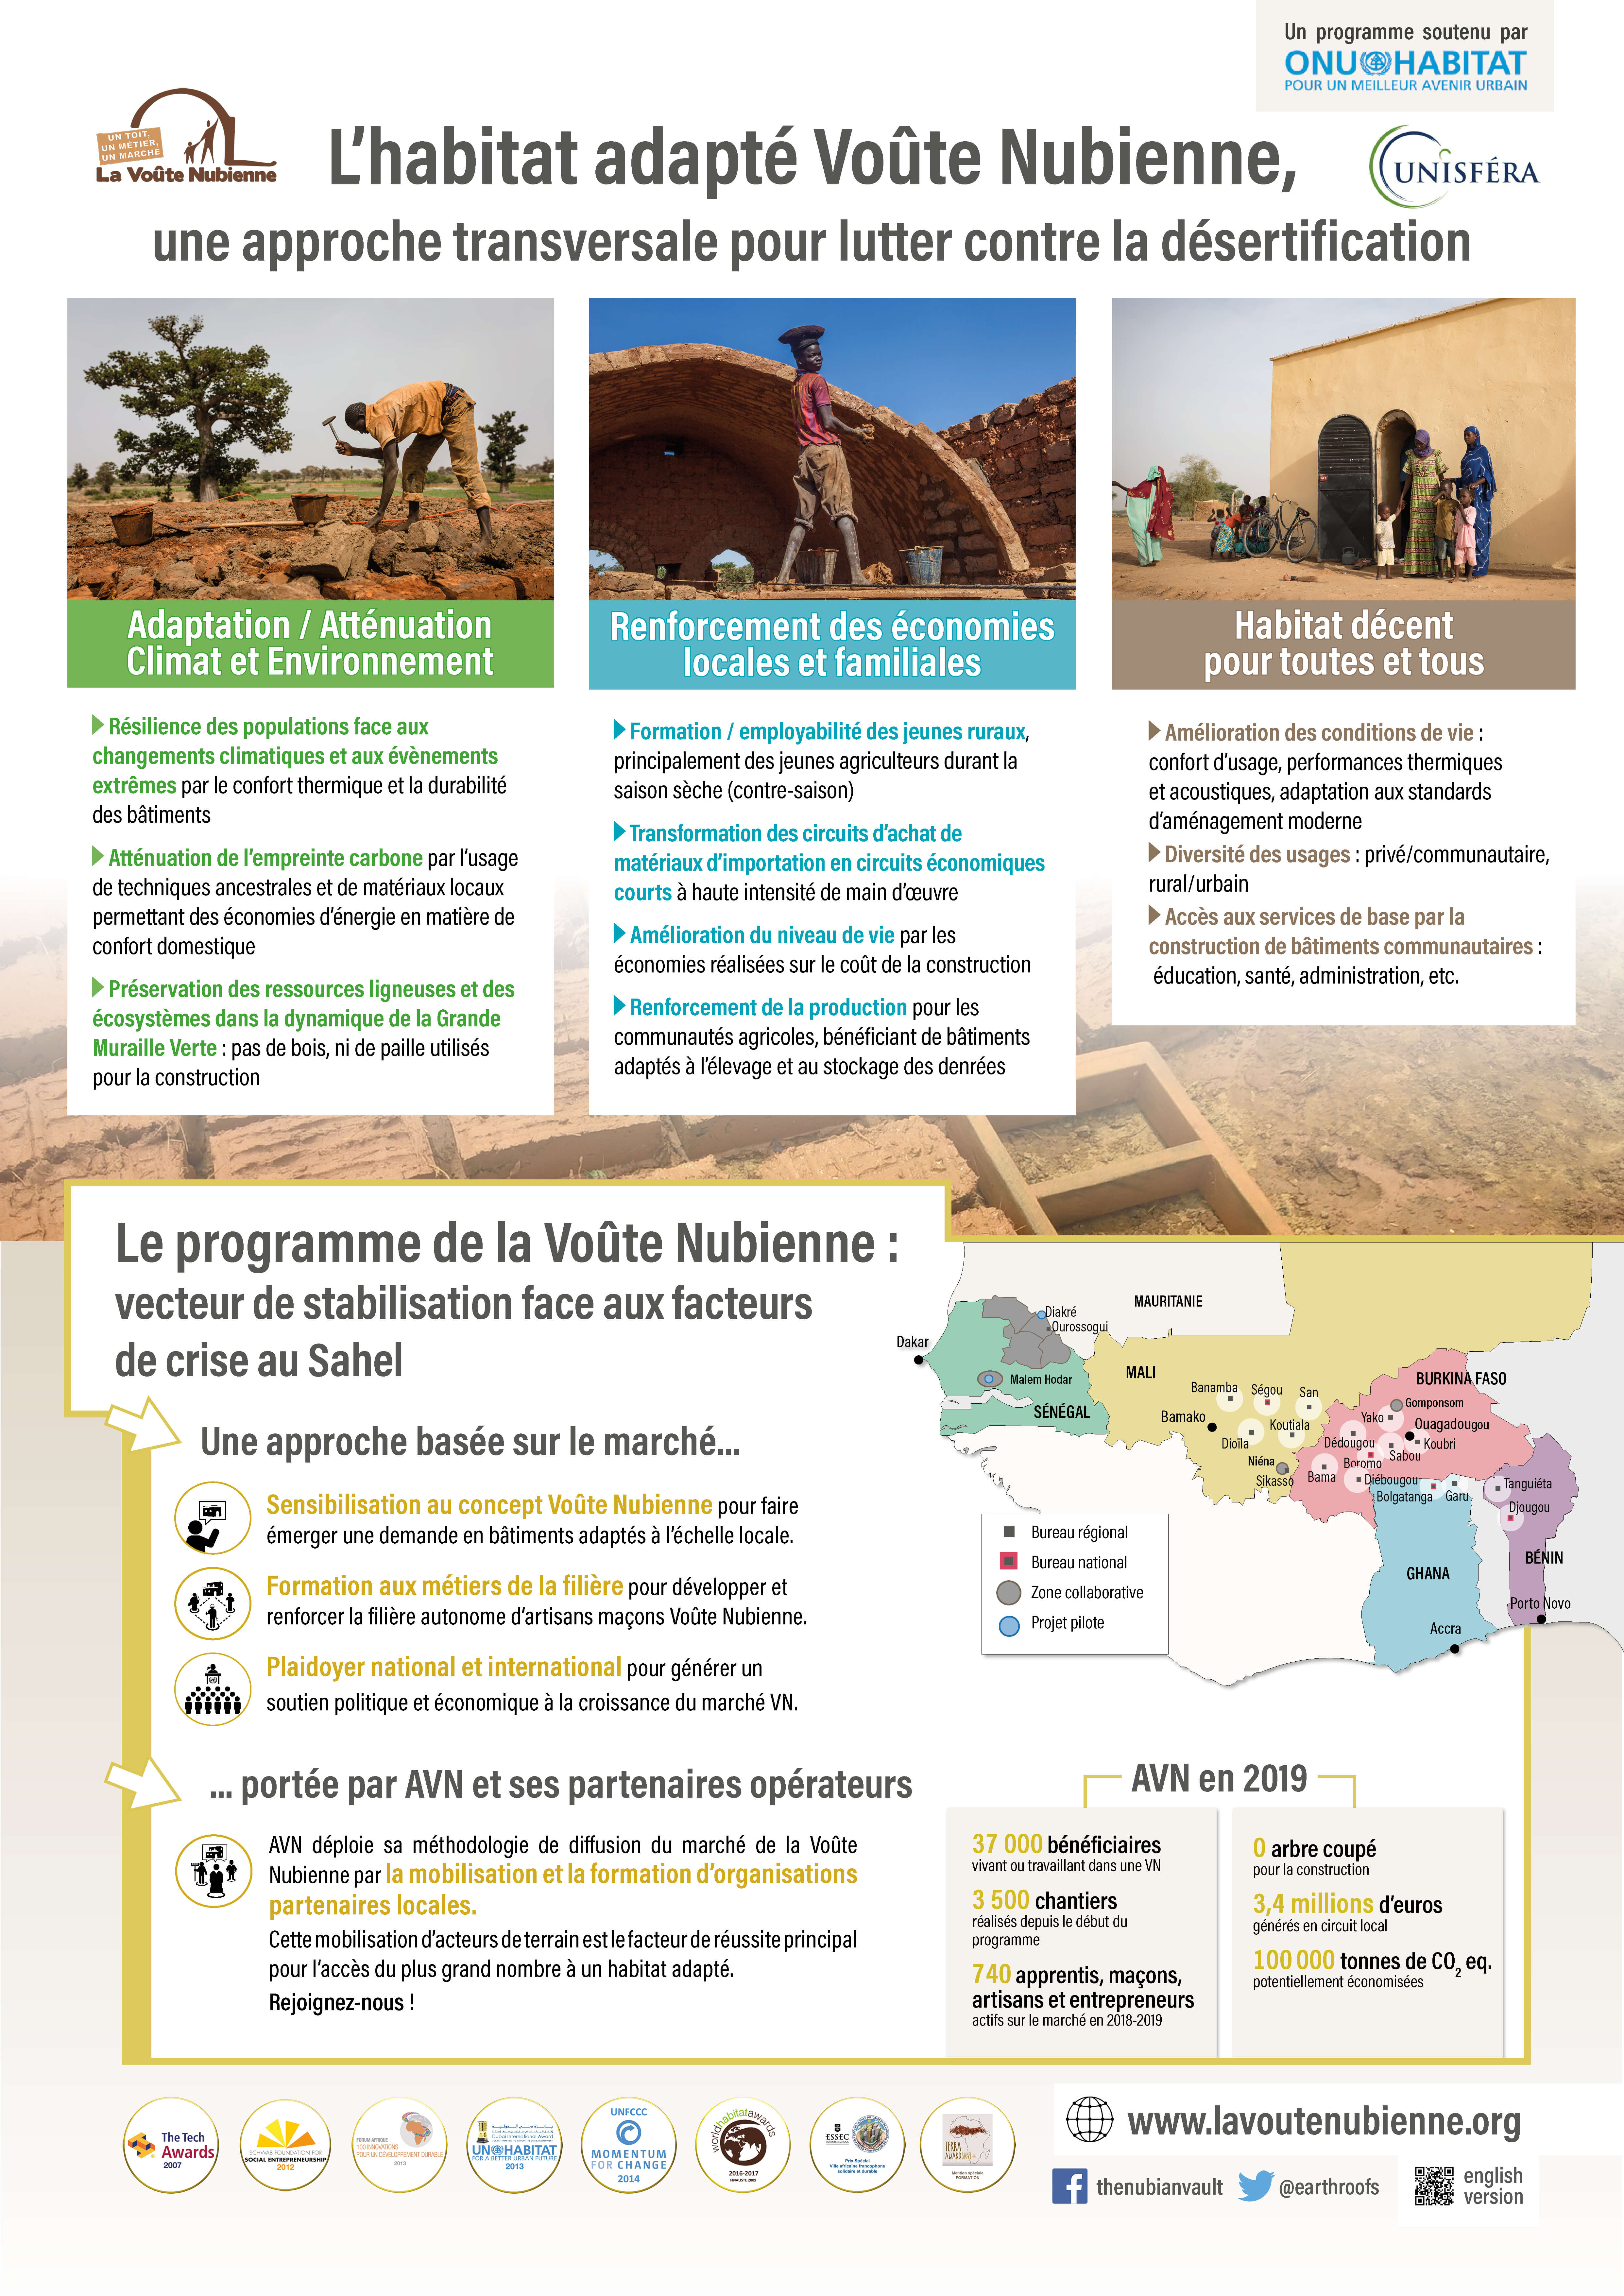 L'habitat adapté Voûte Nubienne, une approche transversale pour lutter contre la désertification